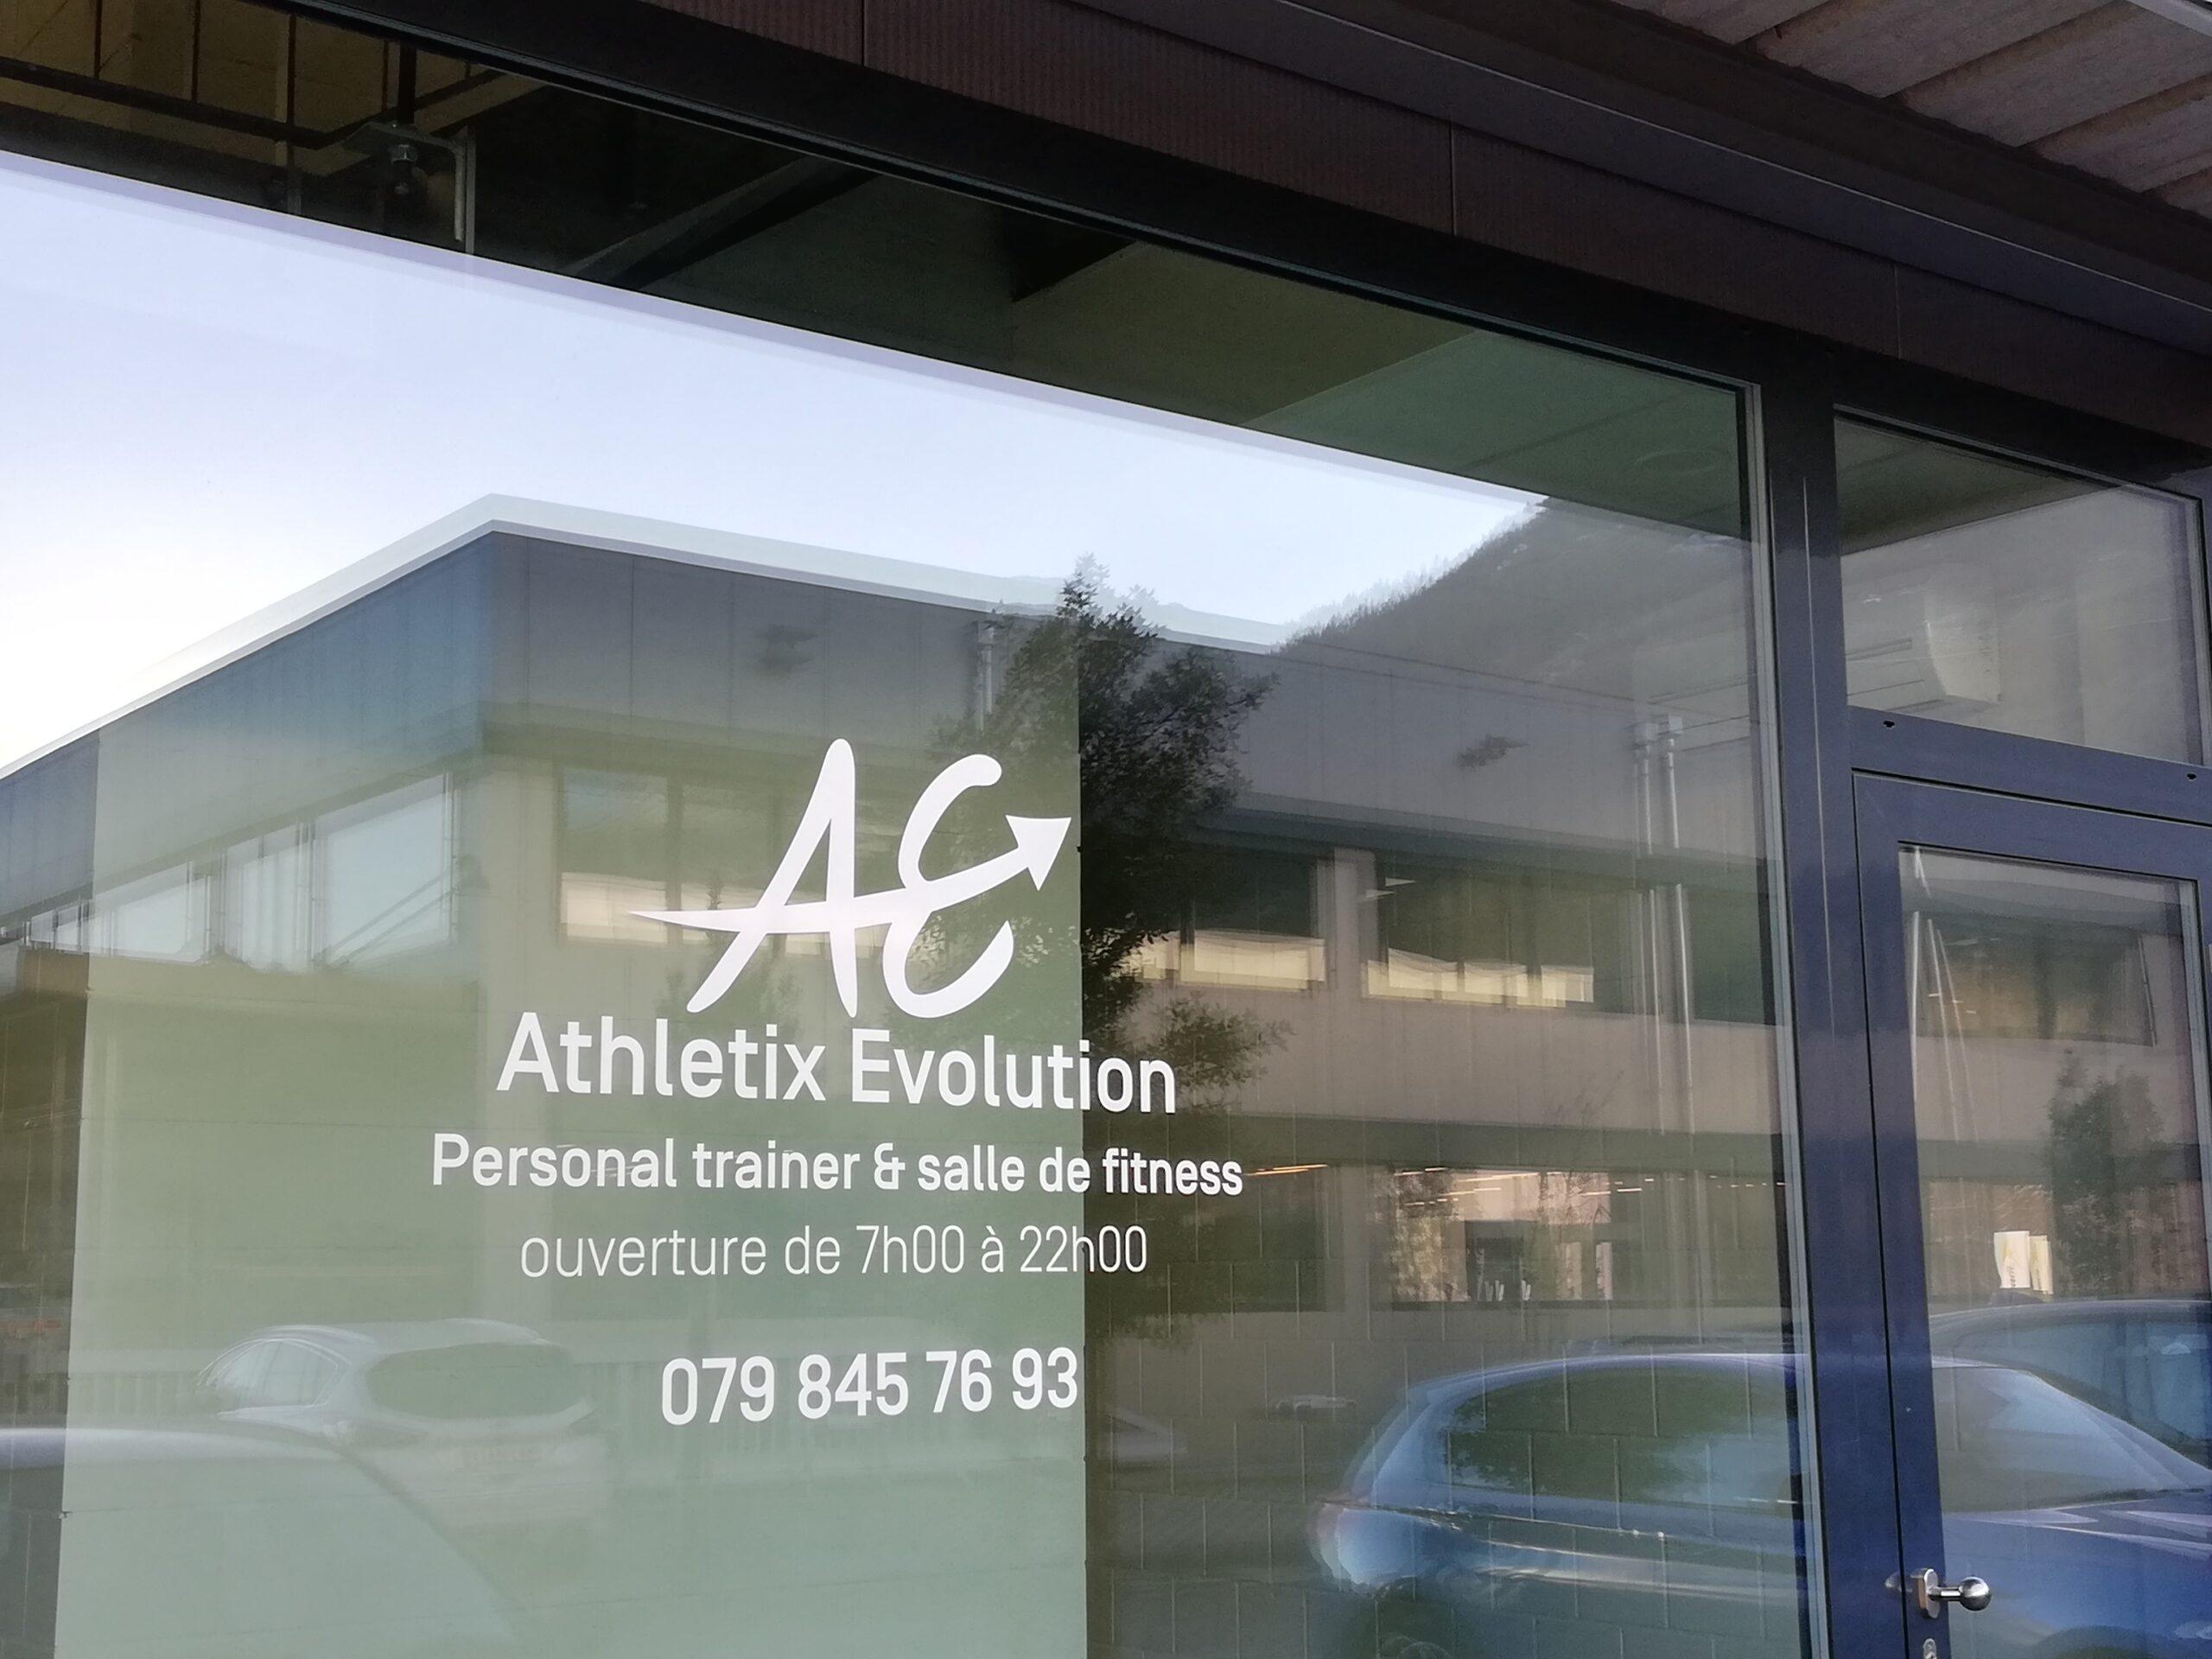 Athletix Evolution - Pubblicité Fitness Entrée - Locaux Activité et services